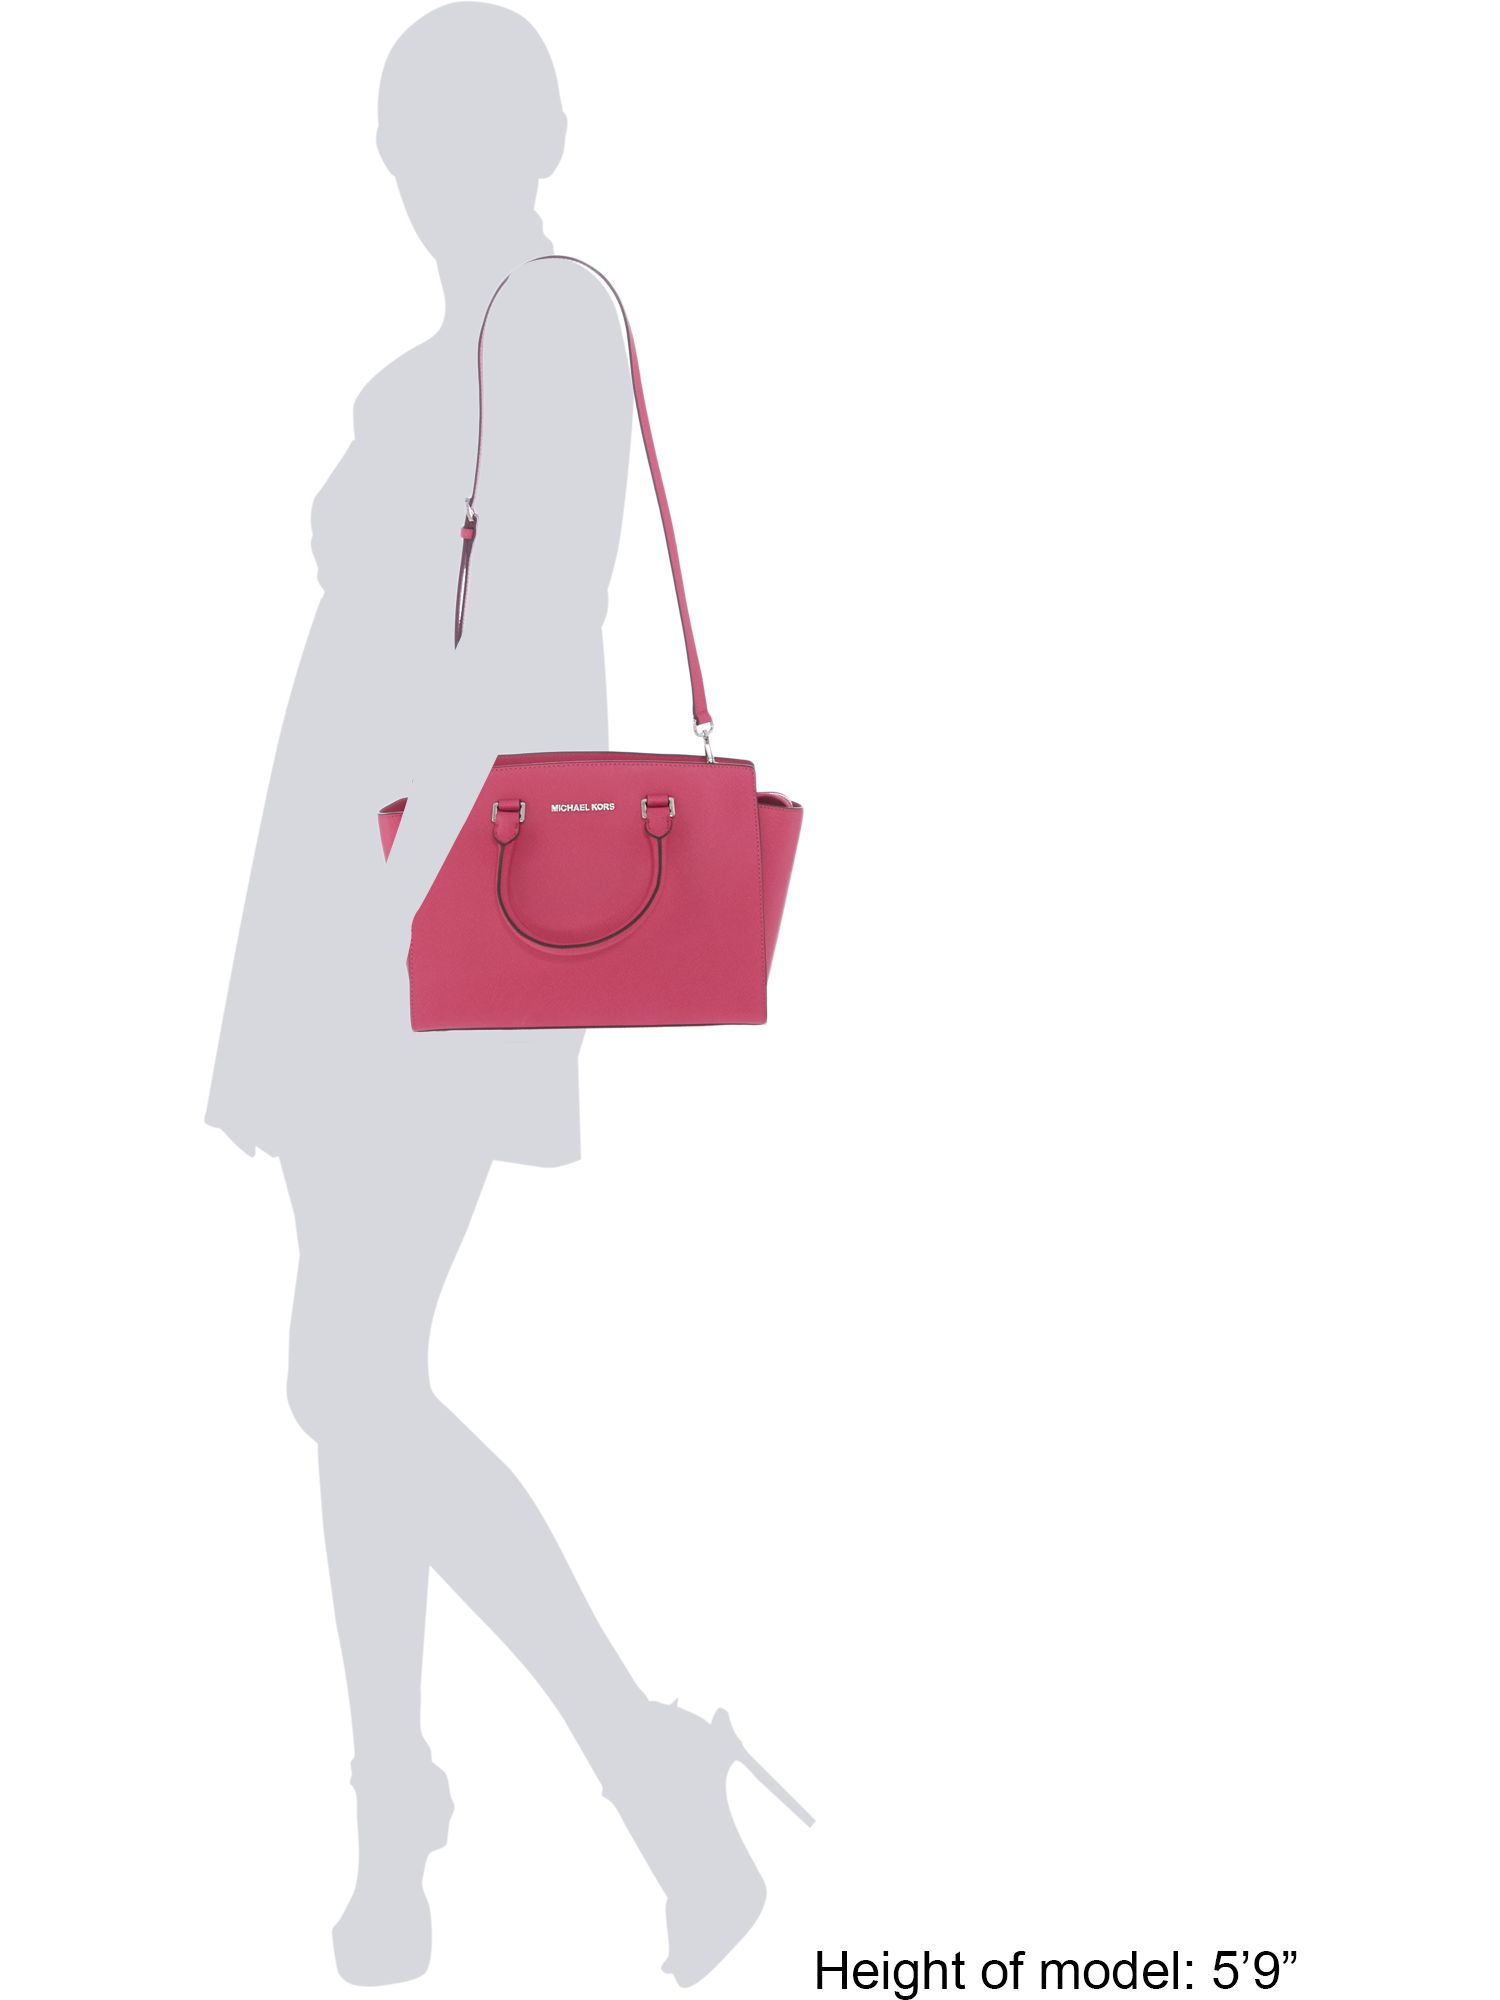 Michael Kors Selma Pink Large Tote Bag